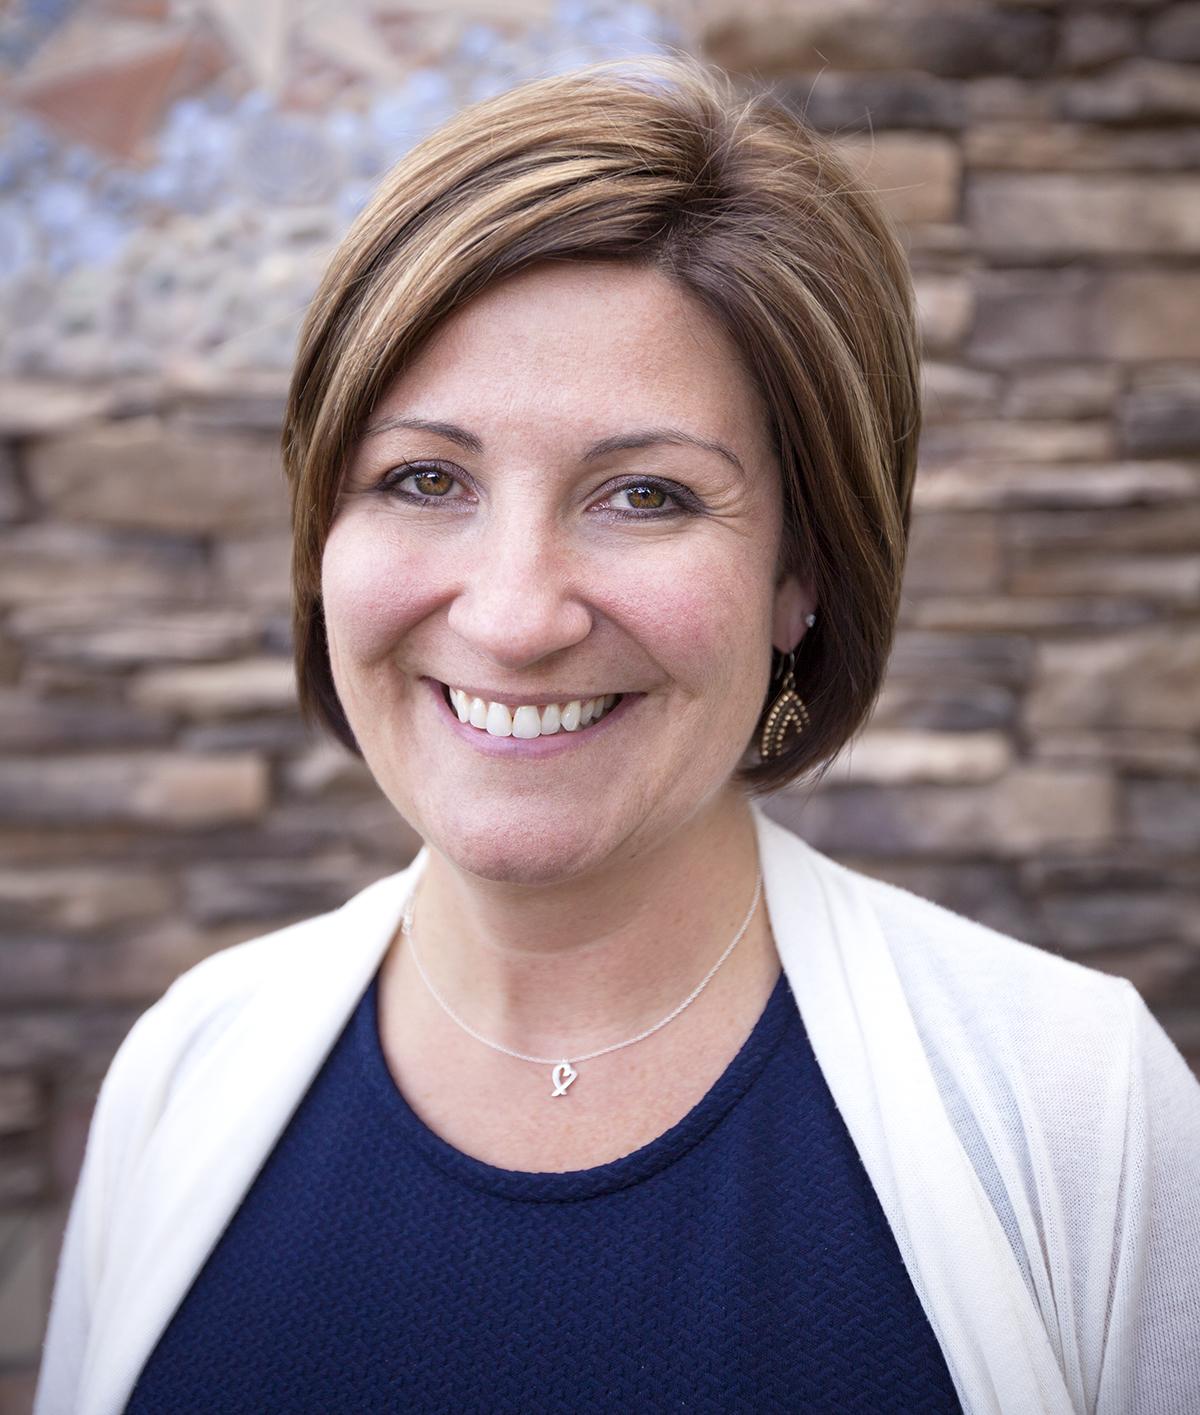 Jennifer McGrath headshot